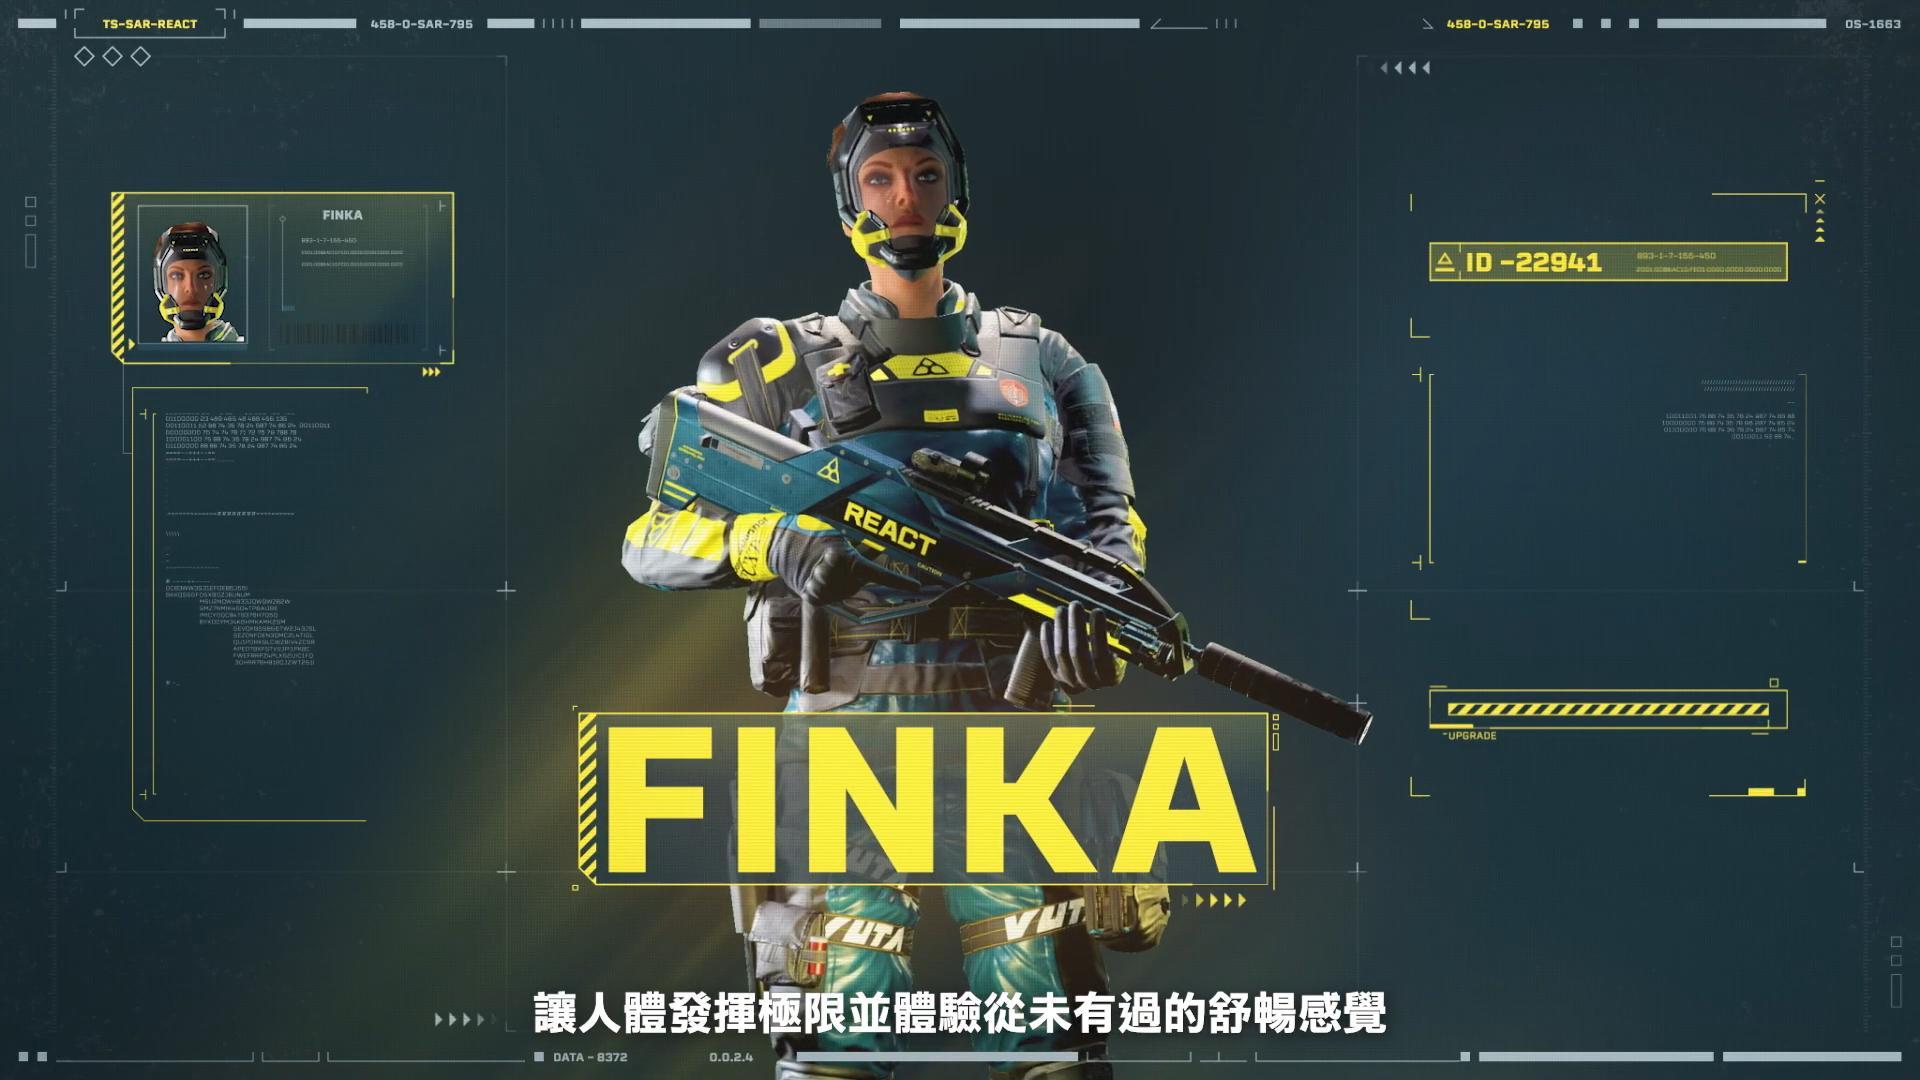 《彩虹六号:异种》新干员FINKA介绍 可复活倒地队友